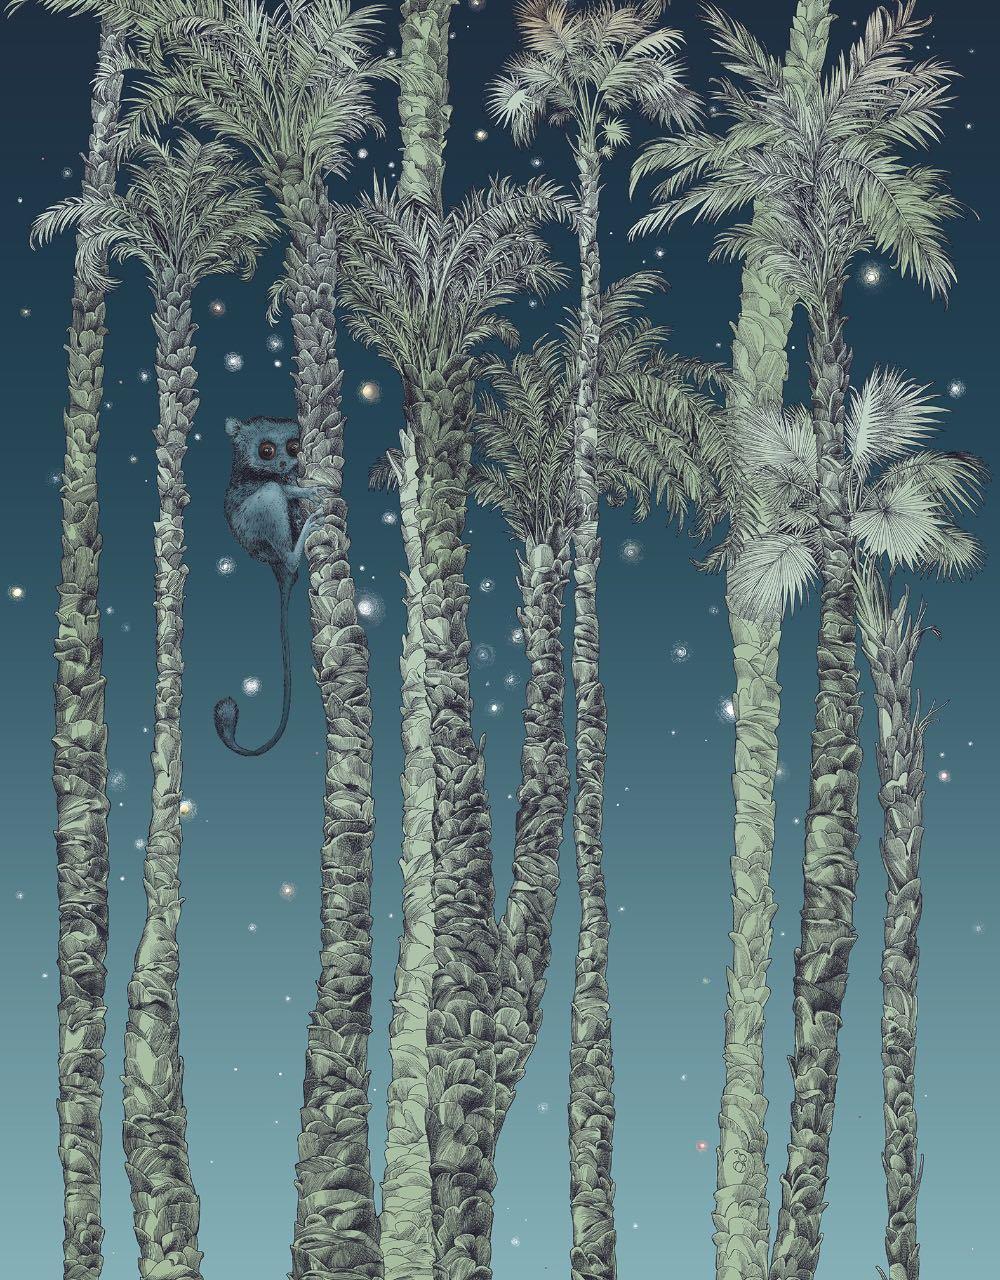 フランス壁紙 1ロール(3m) フリース(不織布) - 防炎加工 by キャサリン・グラン 《ヌイ・テリエン - 左》 ブルー by Edmond Petit (エドモンプティ)